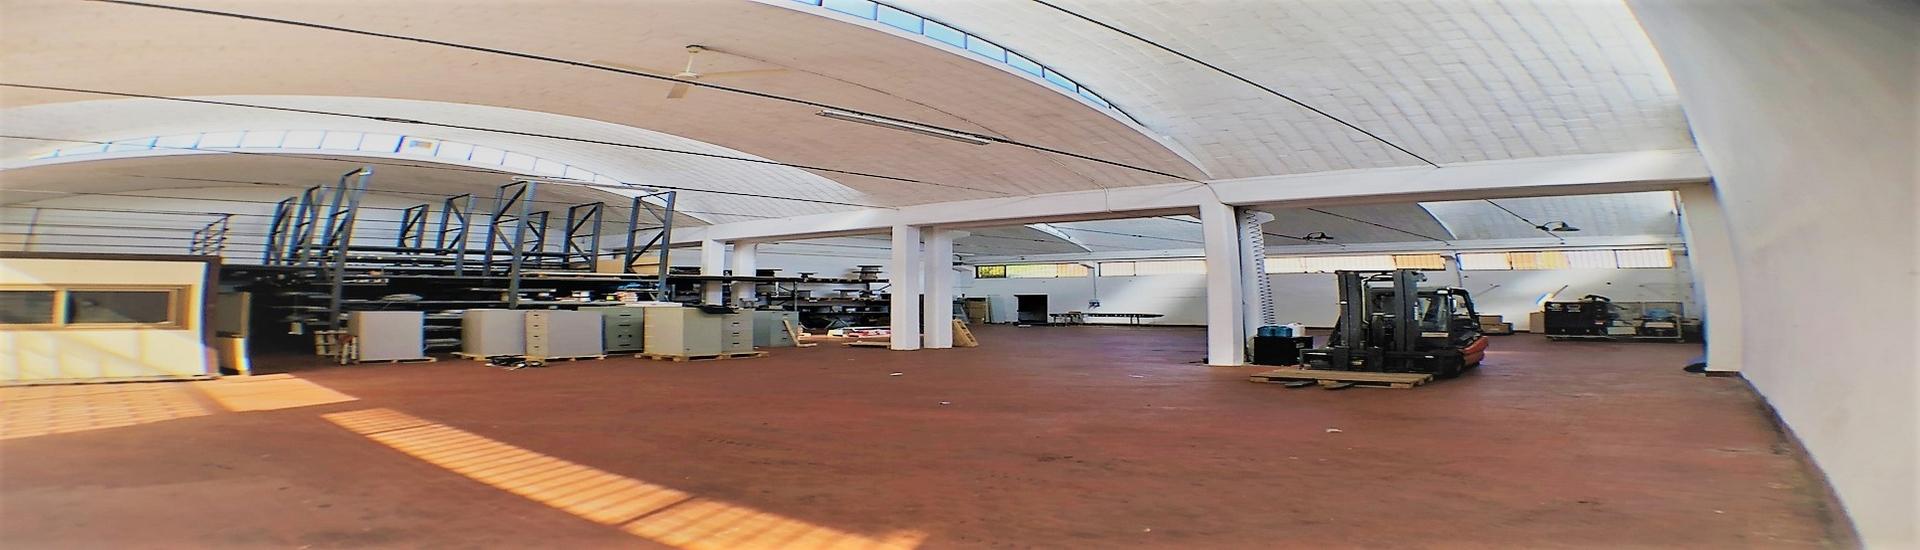 CROCETTA - CAPANNONE con ufficio, magazzino e posti auto riservati, in posizione strategica. EURO 220.000